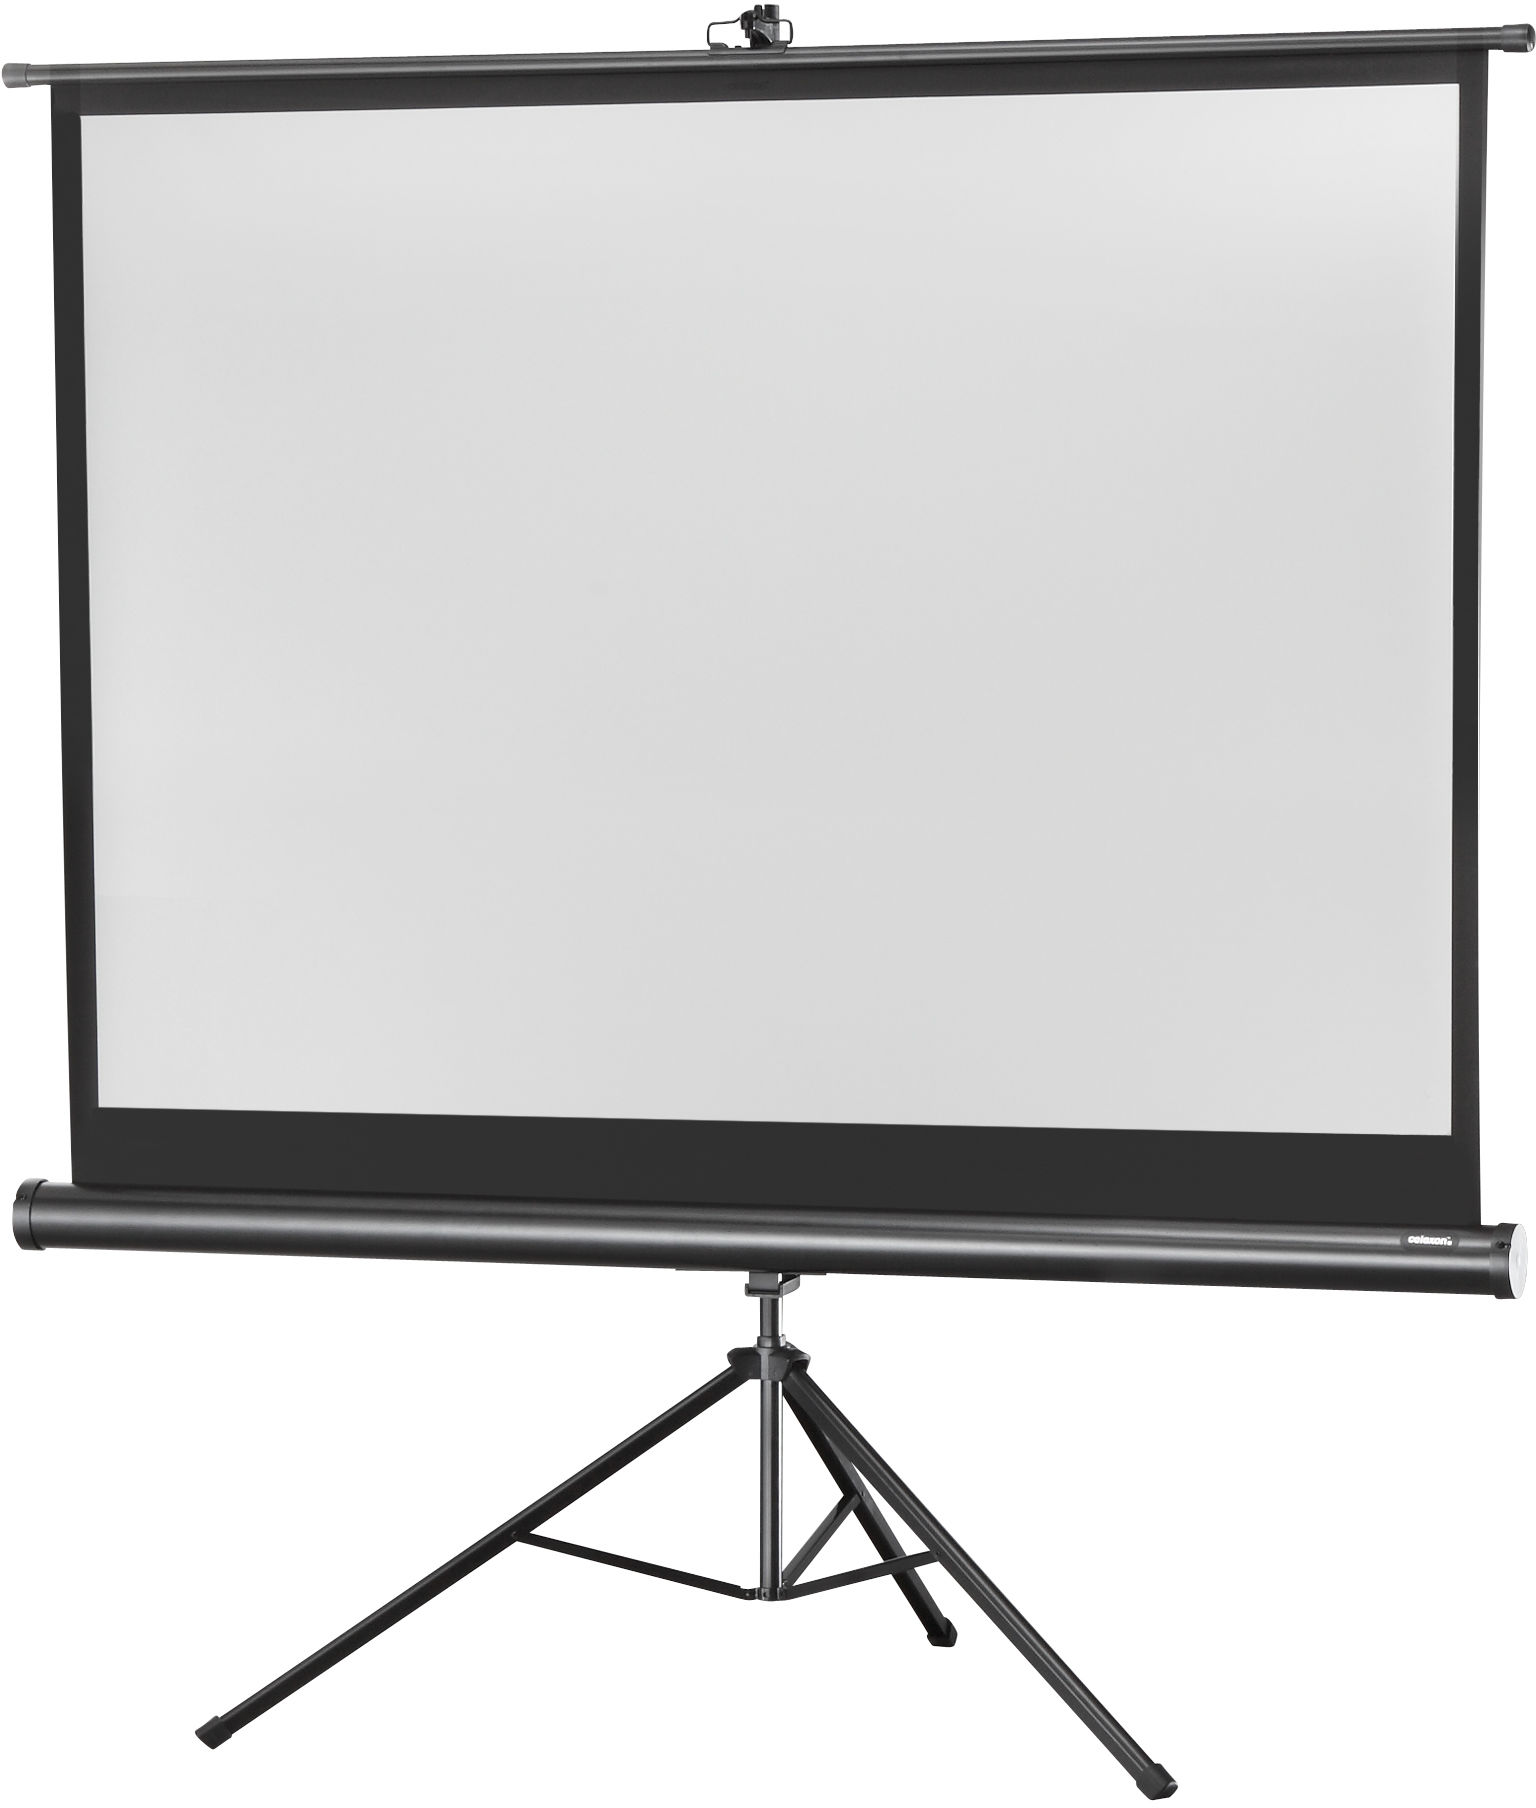 celexon Economy 133 x 100 cm ekran projekcyjny na trójnogu - Biała edycja